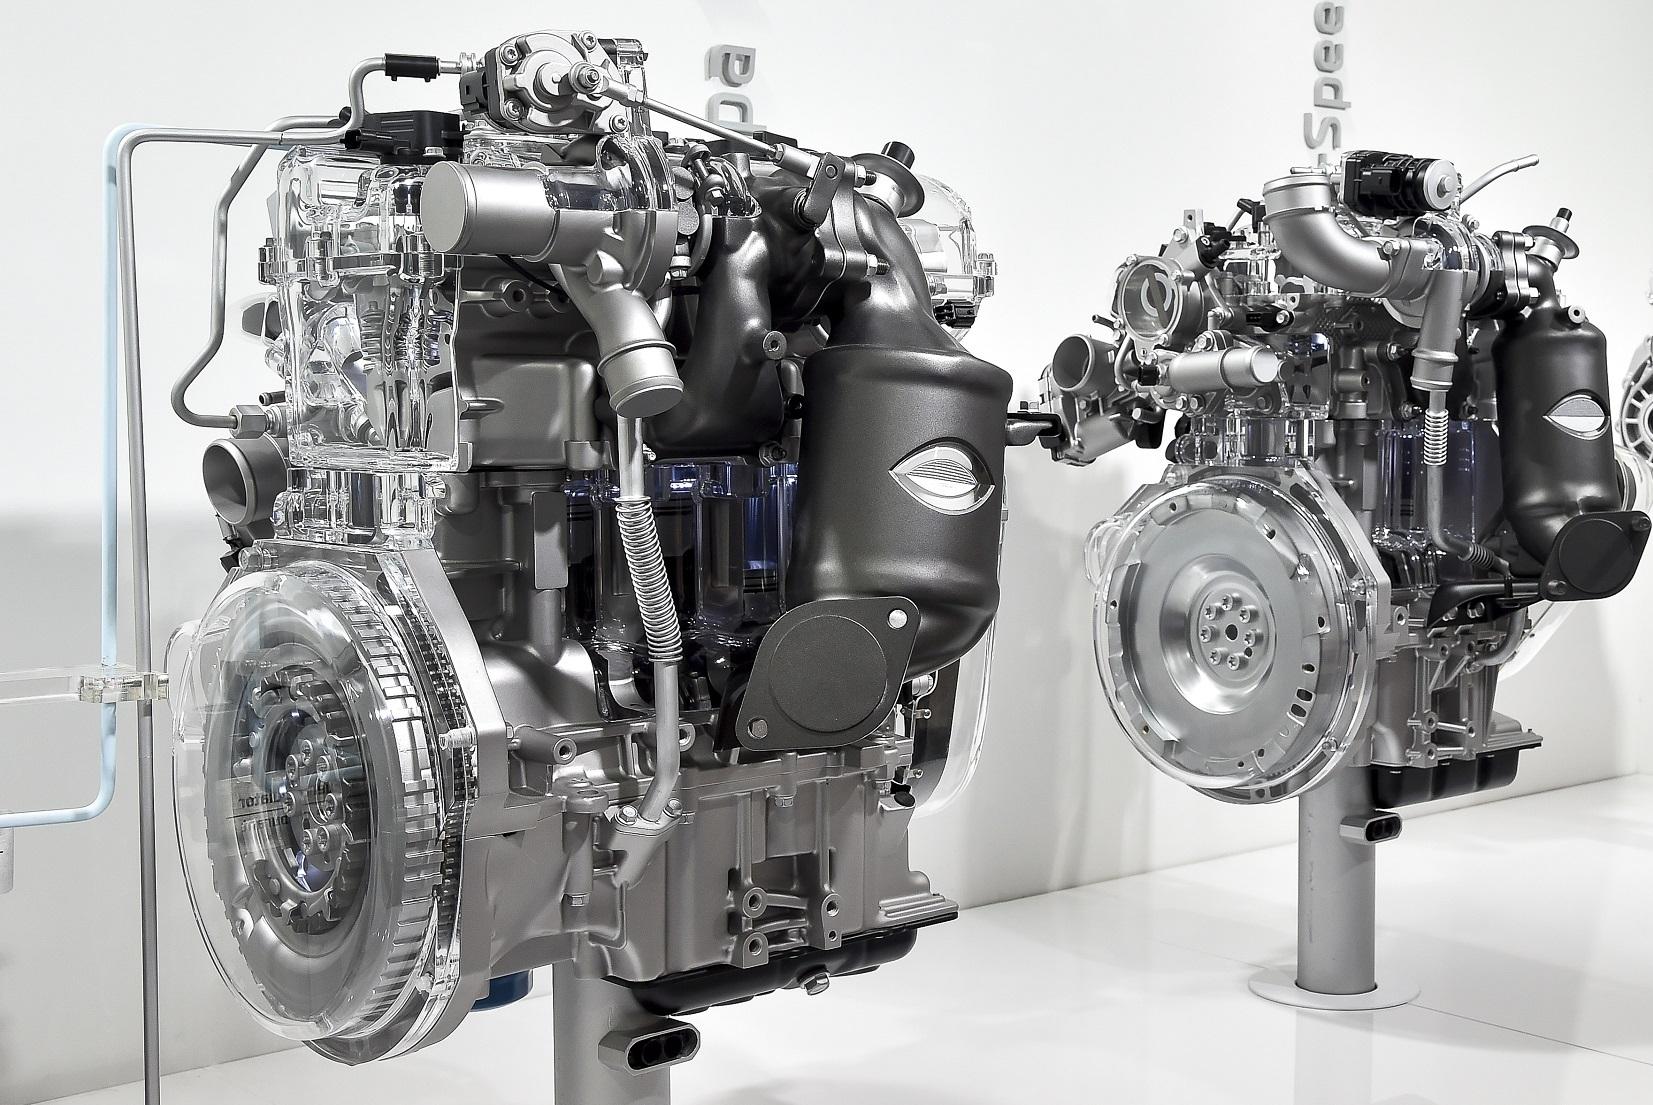 Motores 1.0 3cil. T-GDI da Hyundai